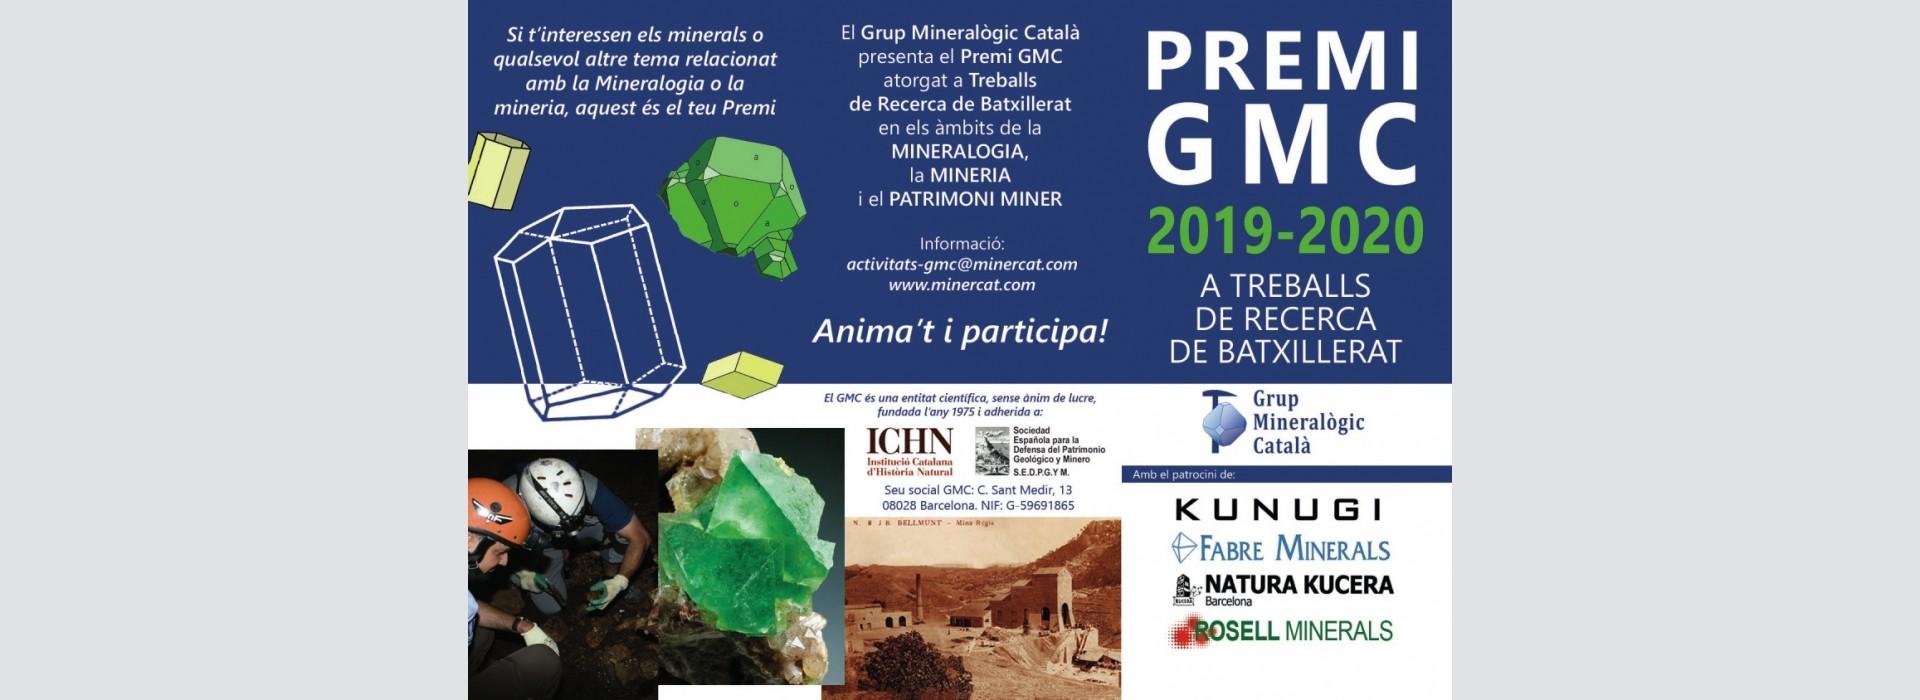 Premio GMC 2019-2020 a trabajos de investigación de bachillerato